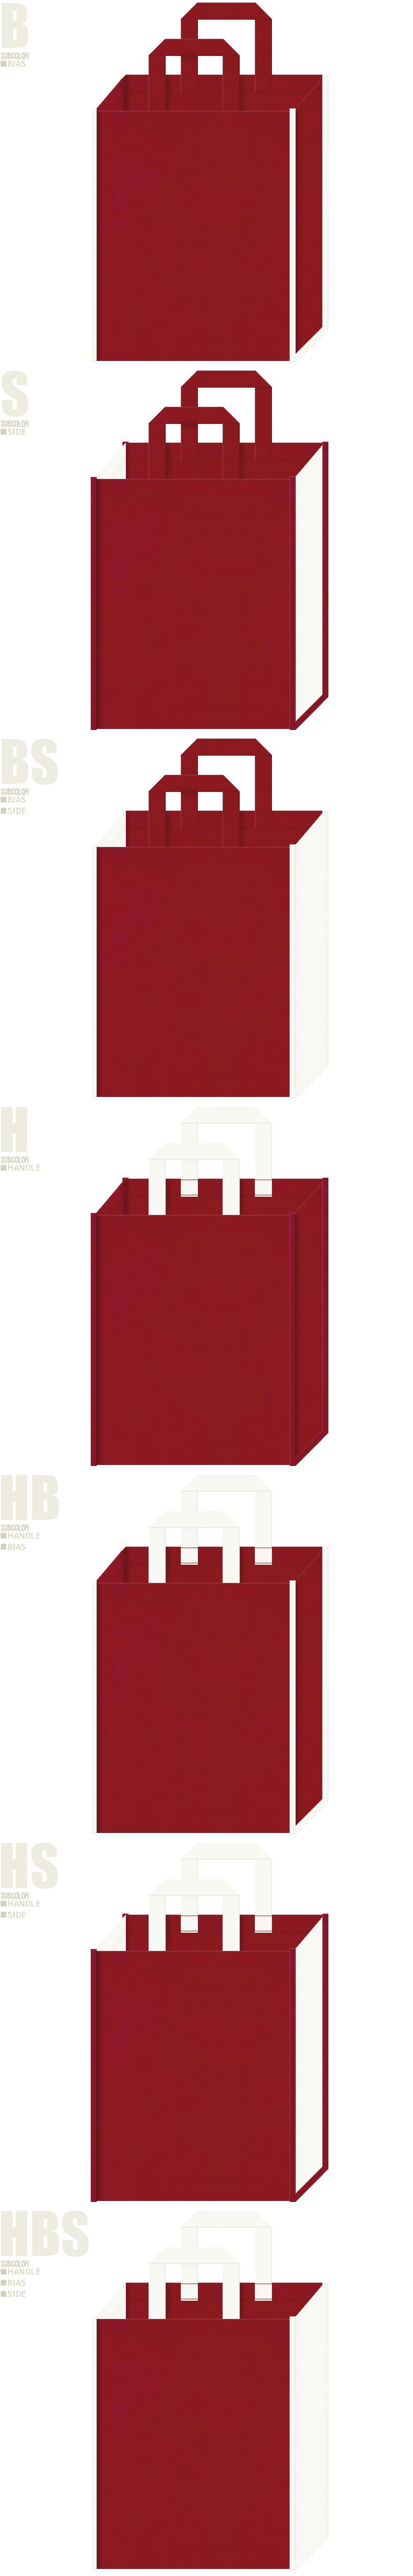 クリスマス・お正月・福袋にお奨めの不織布バッグデザイン:エンジ色とオフホワイト色の配色7パターン